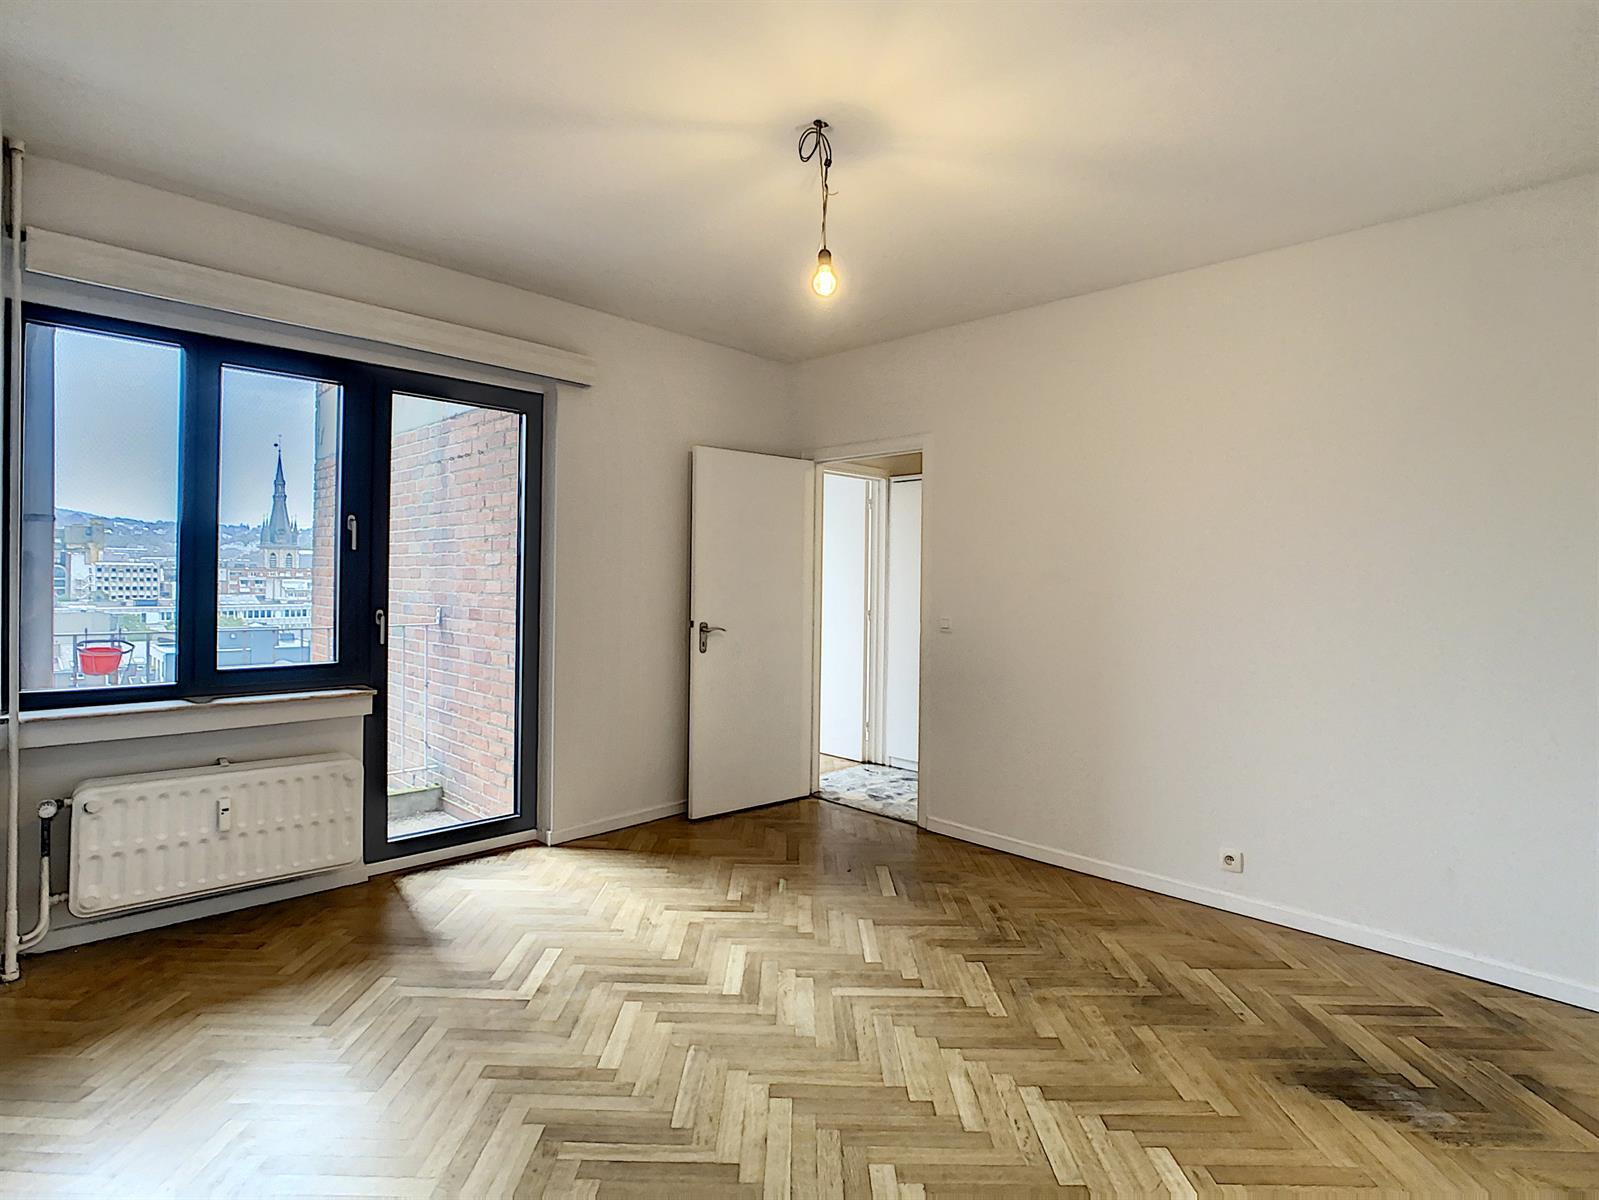 Appartement - Liege - #4429788-7